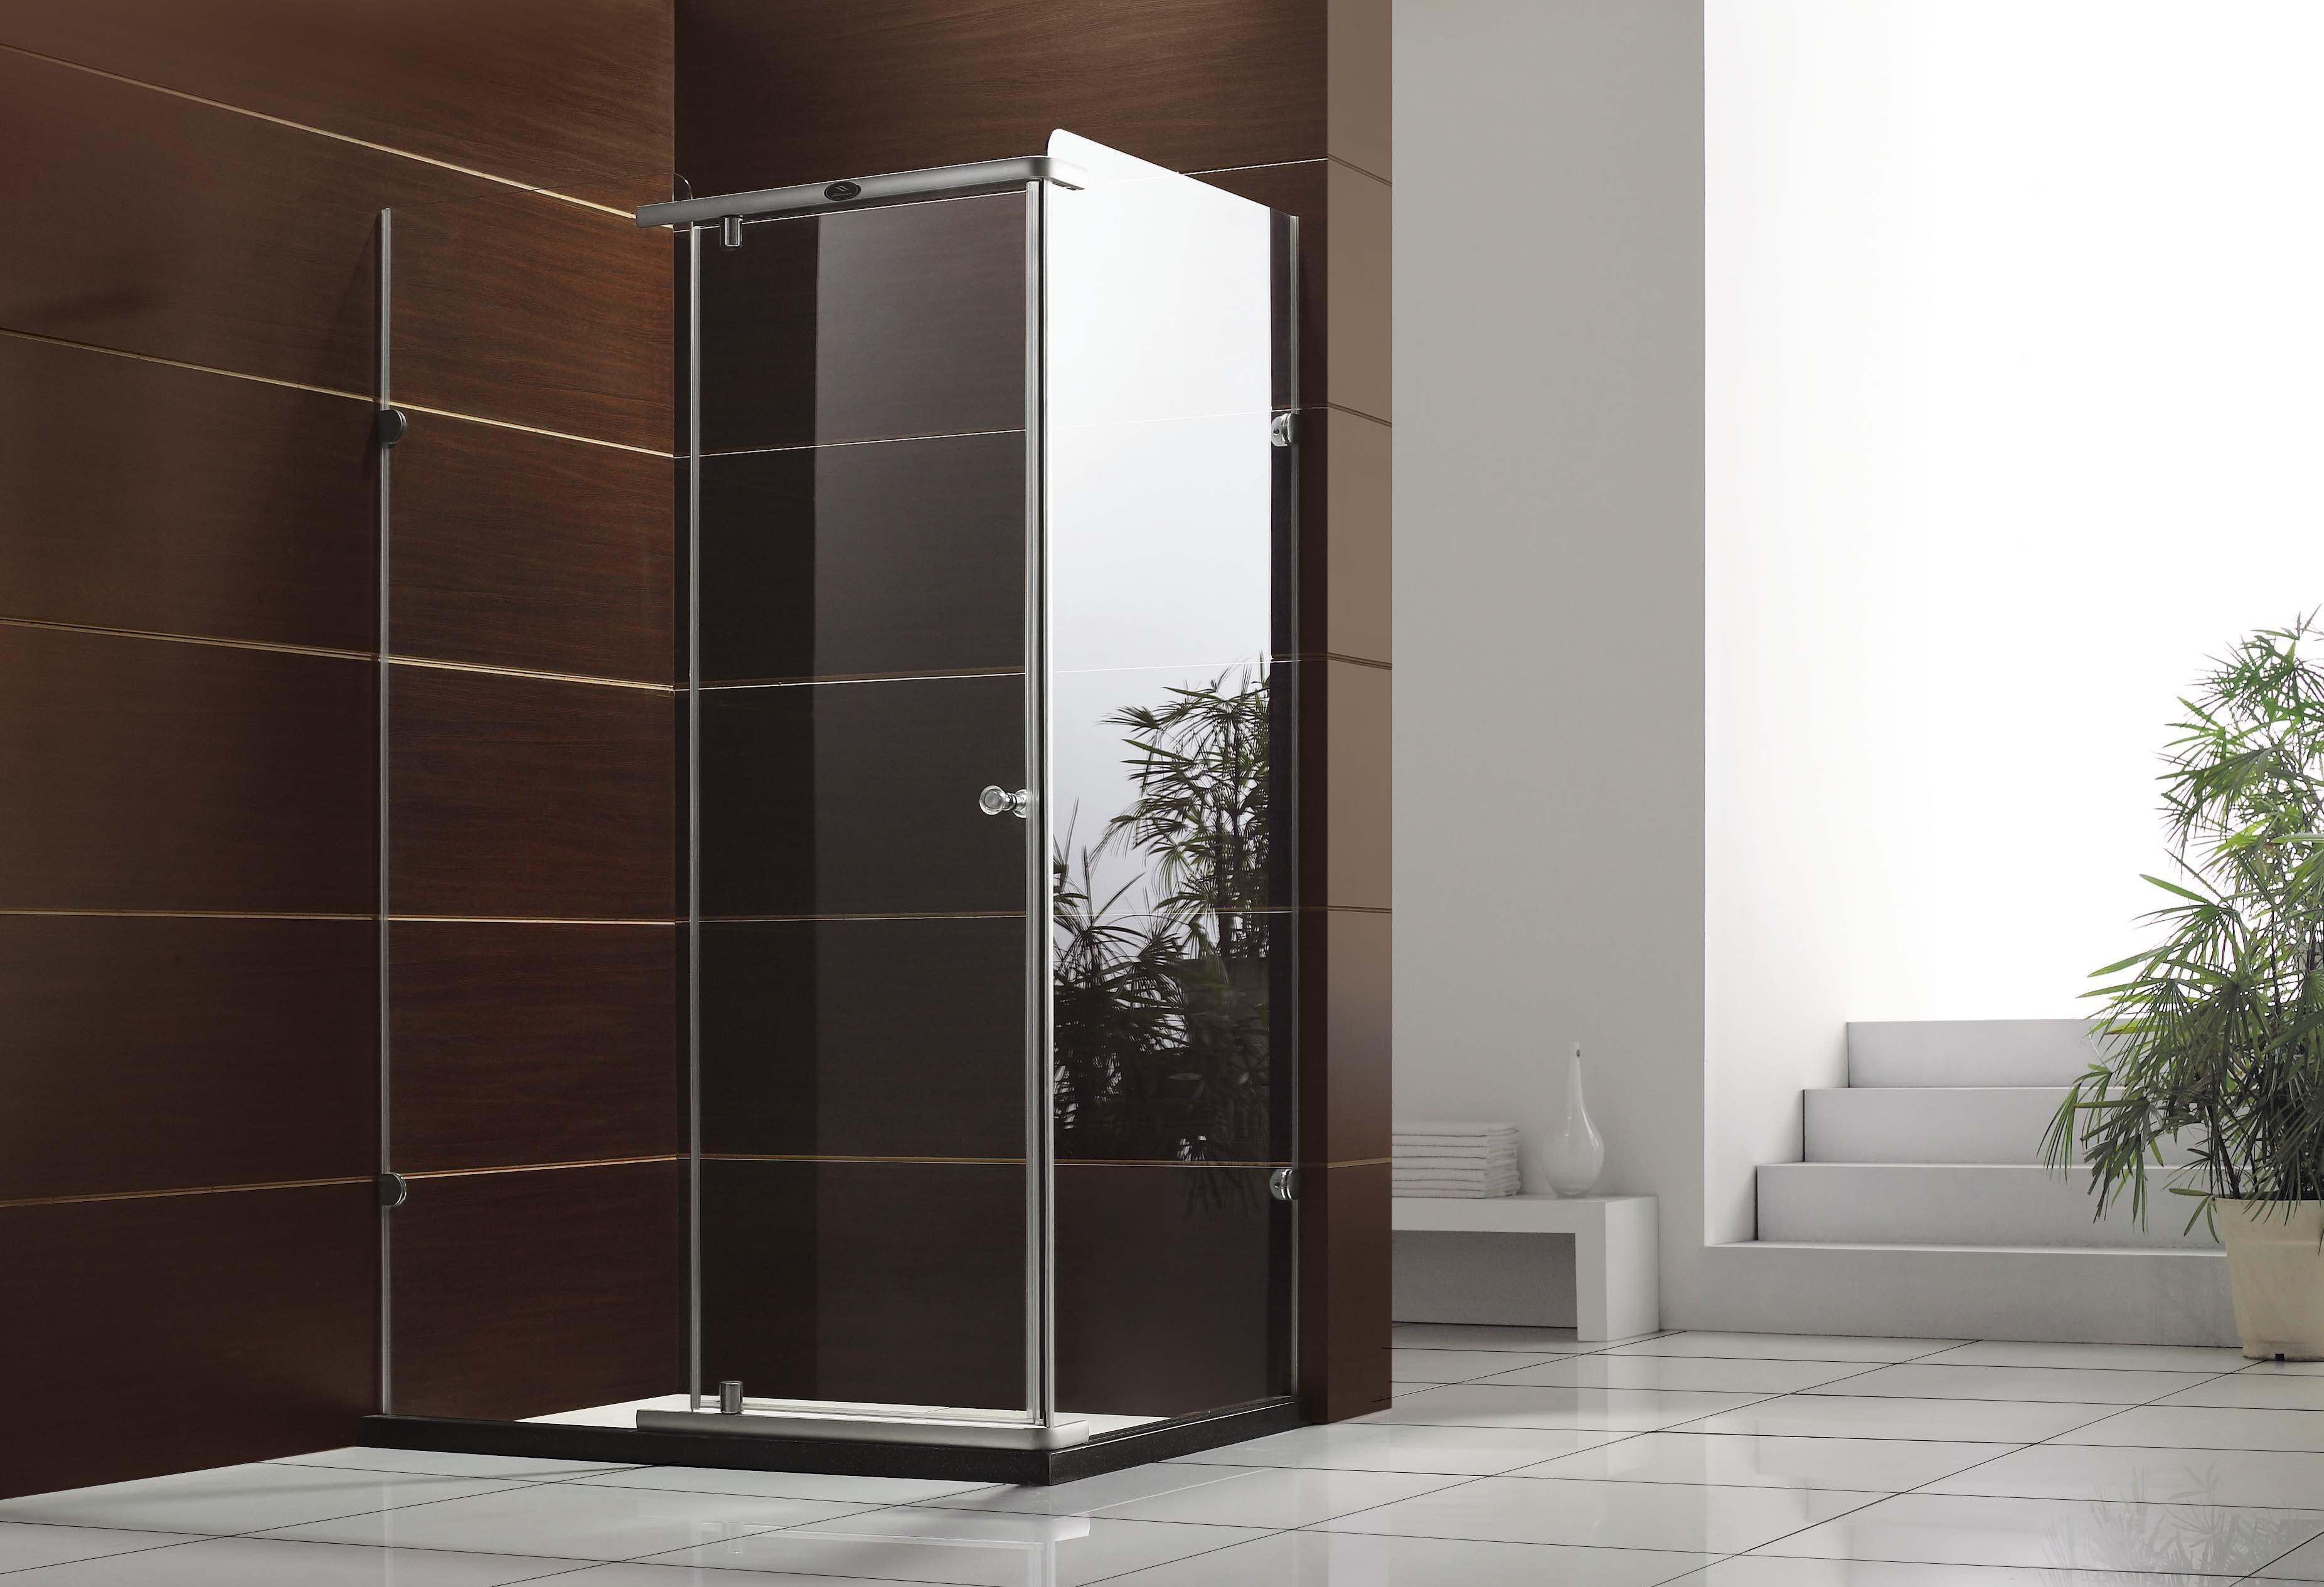 地中海整体淋浴房M-D029M-D029